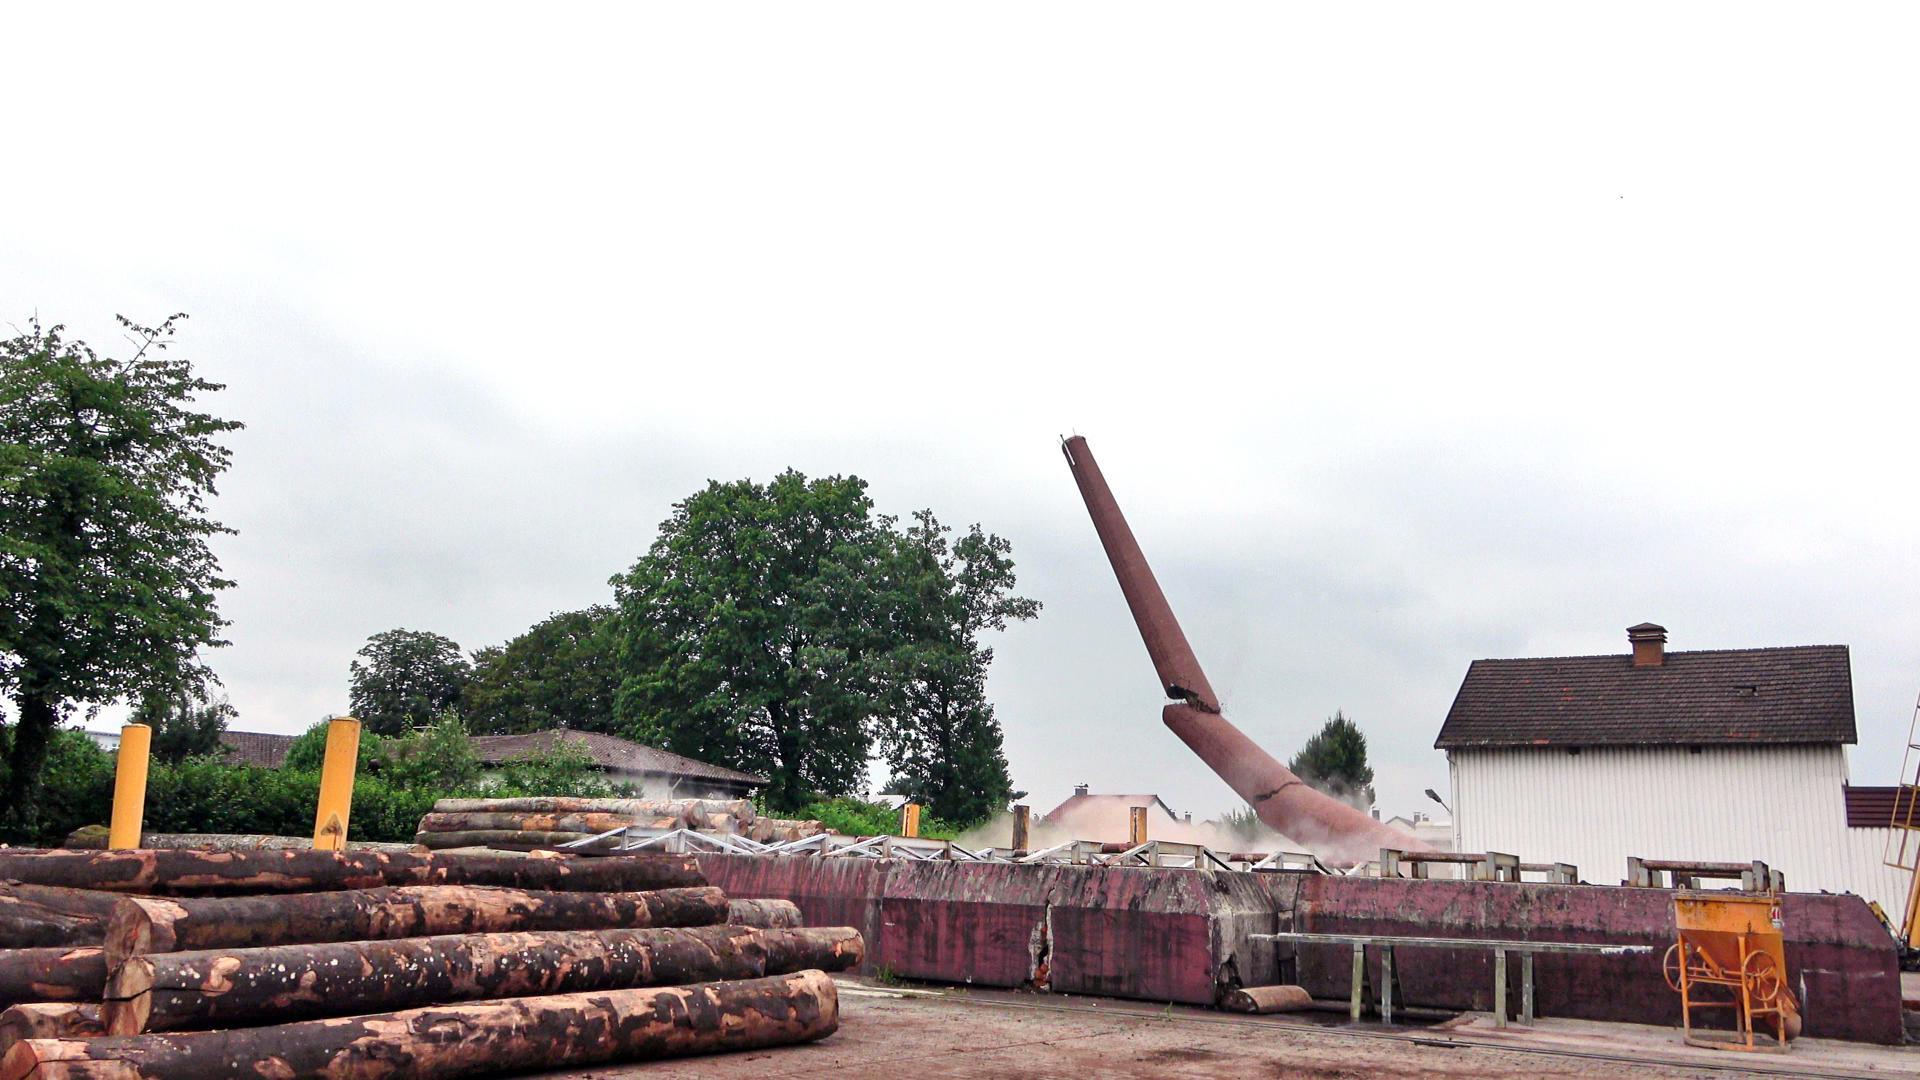 Punkt 13 Uhr war der 35 Meter hohe Schornstein des Bühler Furnierwerks nur noch Geschichte. Sprengmeister Helmut Hörig hatte ihn exakt an die geplante Stelle fallen lassen. Foto: Michael Brück